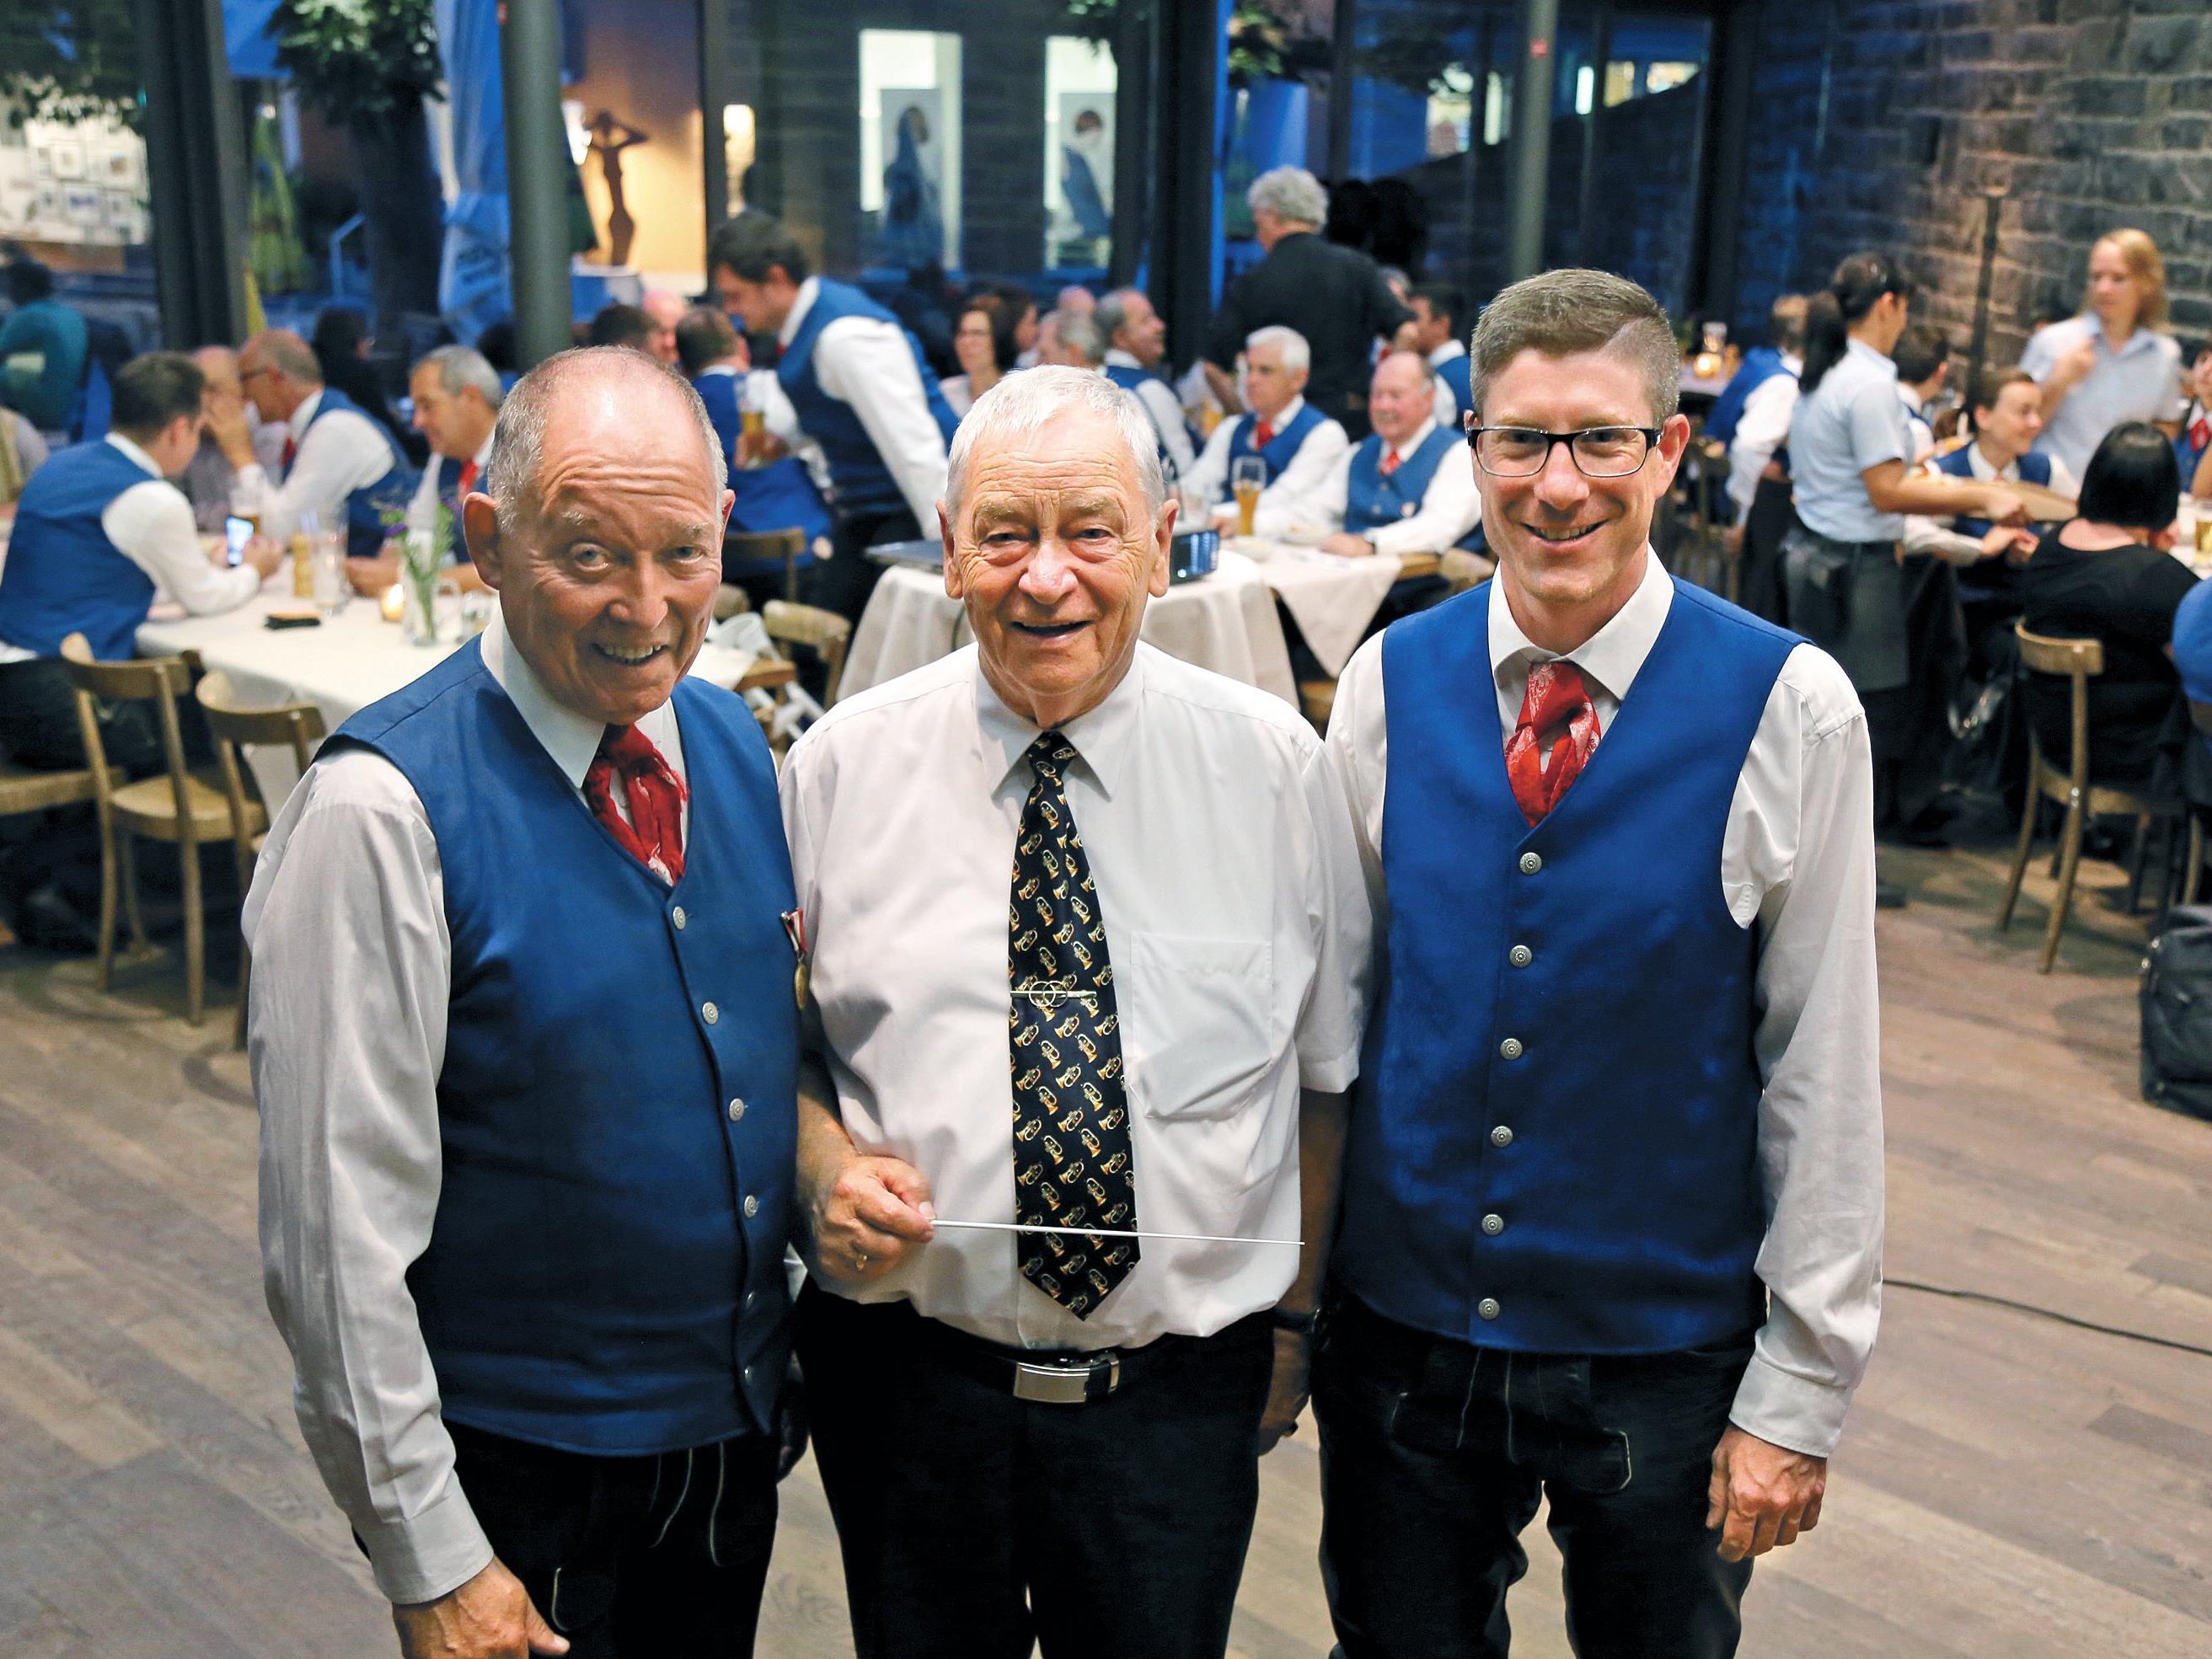 Kapellmeister Peter Efferl (l.) mit Ehrenmitglied Emil Salzmann (M.) und Obmann Johannes Ebli (r.)